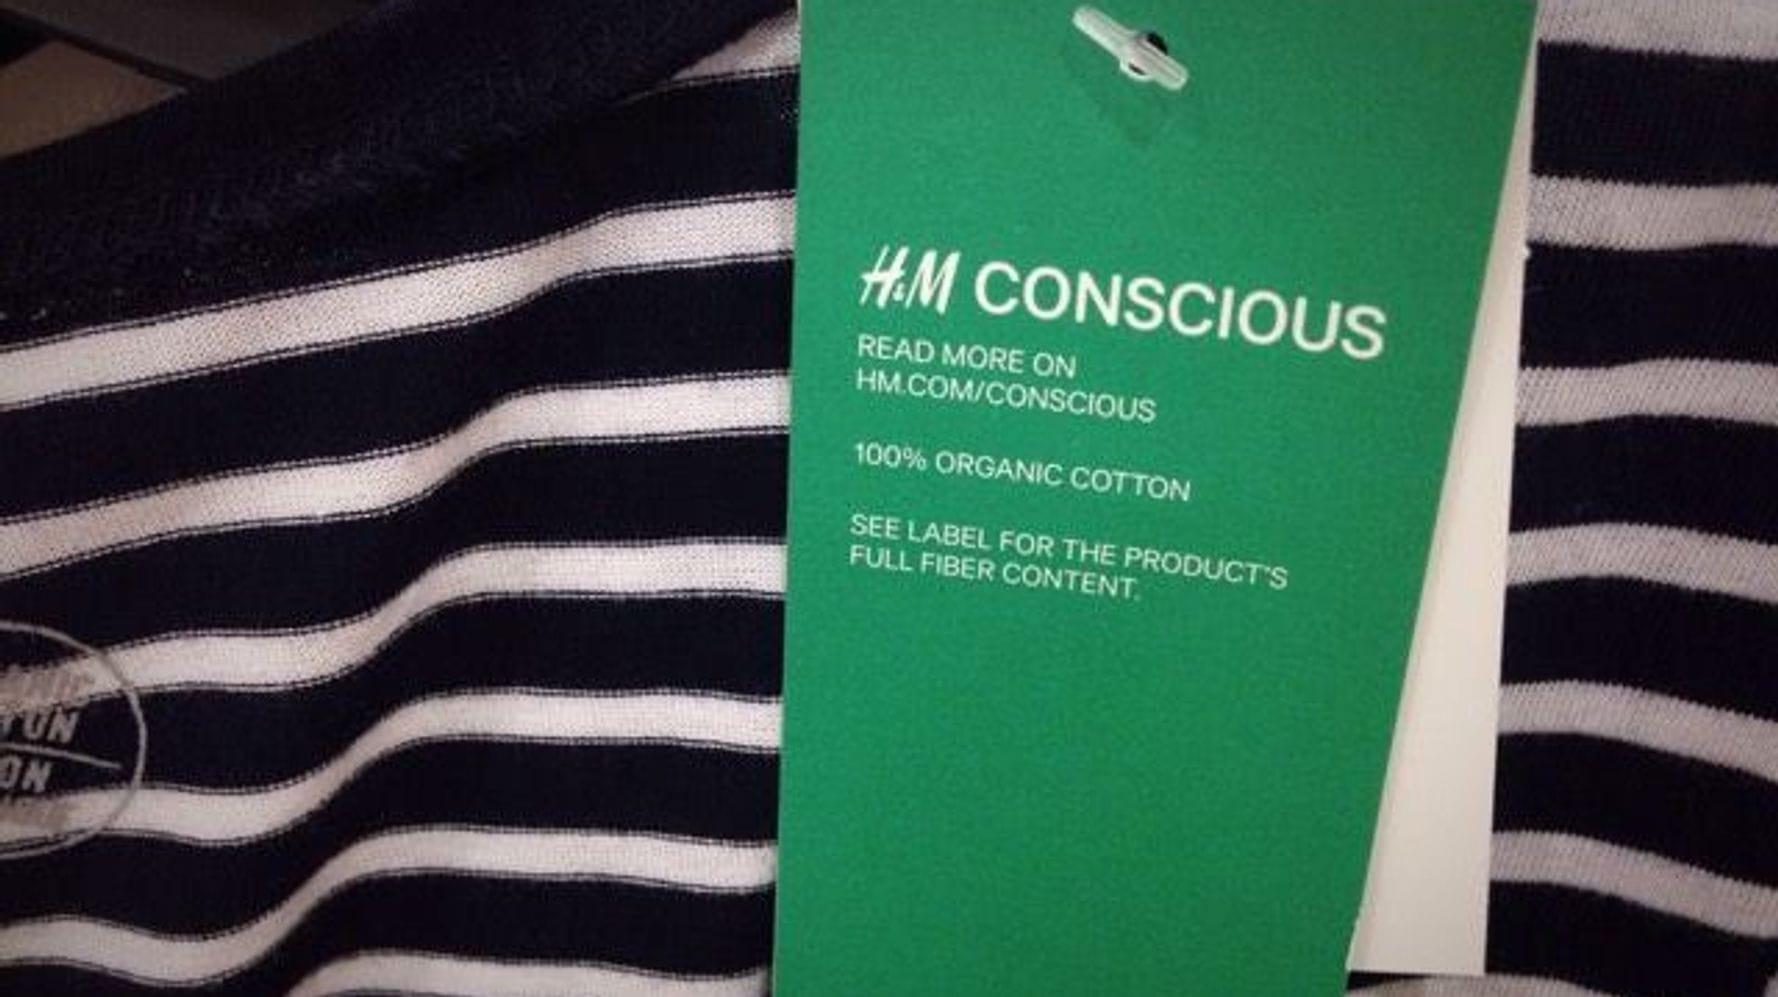 Greenwashing examples - H&M